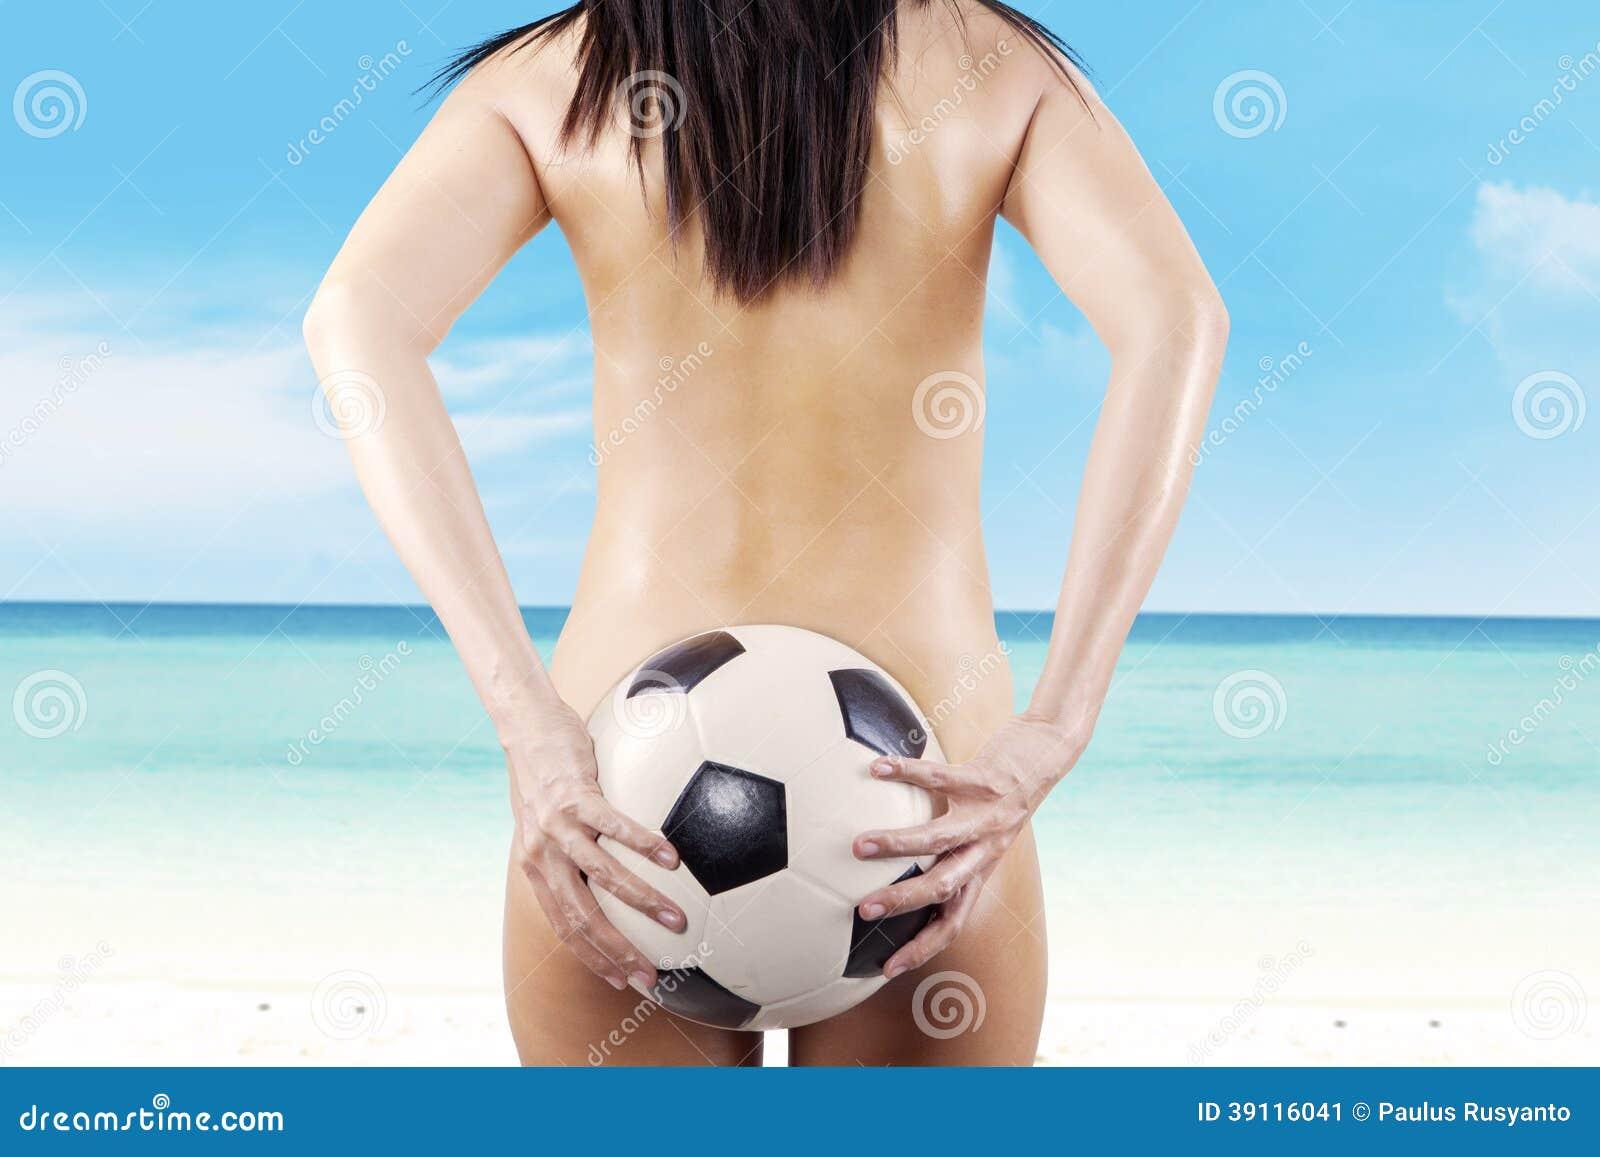 Naakte vrouw met een Voetbalbal bij strand